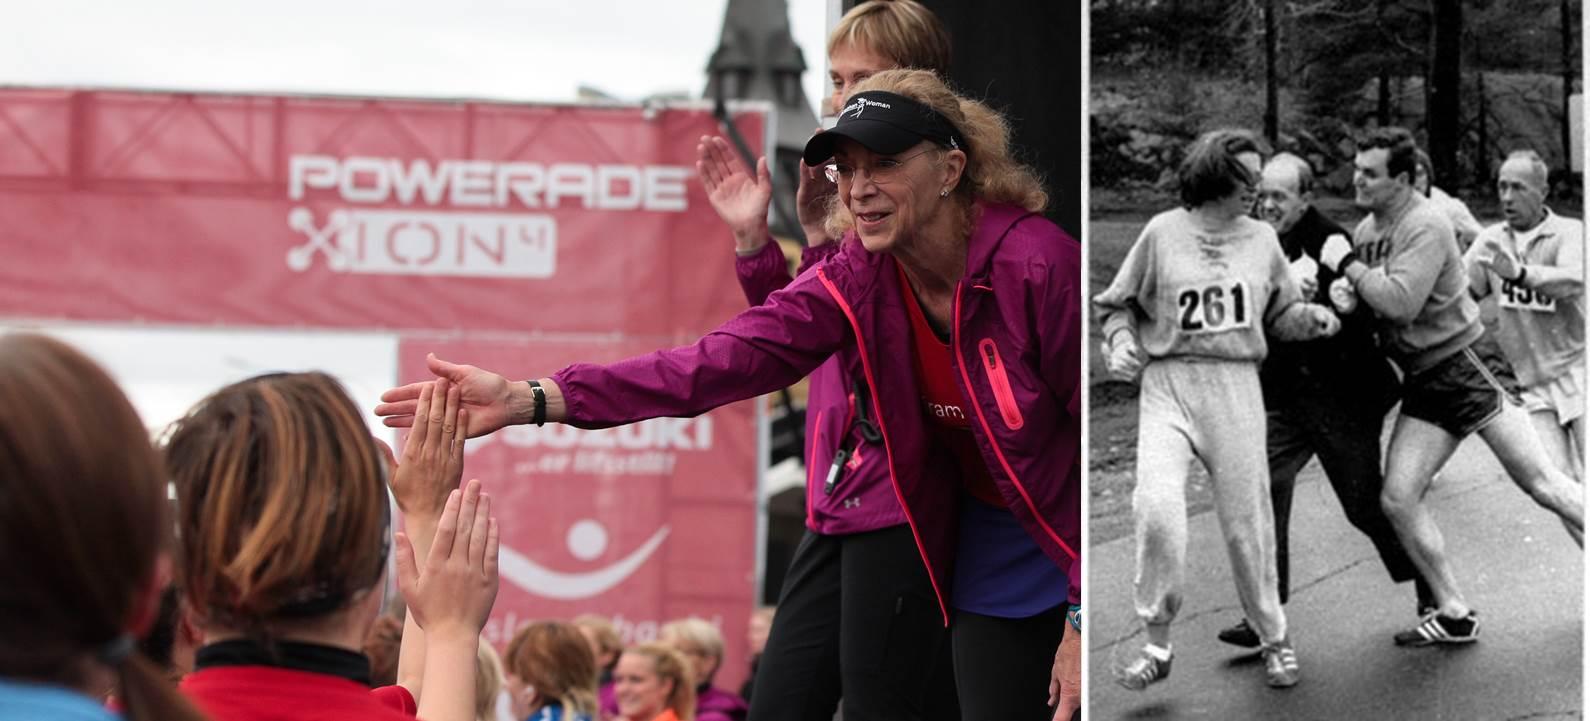 I 2015 feirer Island at kvinner har hatt full stemmerett på Sagaøya i 100 år. I den anledning har de invitert over selveste Kathrine Switzer til å fyre av startskuddet i maratonet. I USA er hun et av de store ikonene innen kvinneidrett grunnet hennes ulovlige gjennomføring av Boston Marathon i 1967 (den gang da kvinner ikke fikk lov til å løpe maraton i USA). Bildene som ble publisert av illsinte funskjonærer som feilet i forsøket på ta henne ut av maratonet gjorde henne til en heltinne og i 1972 åpnet President Nixon opp for mer lik behandling av mannlige og kvinnelige langdistanseløpere. I OL i LA i 1984 ble maraton for kvinner endelig også en del av programmet og vi ble servert den episke duellen Benoit vs. Waitz gjennom Los Angeles sine solylte gater!